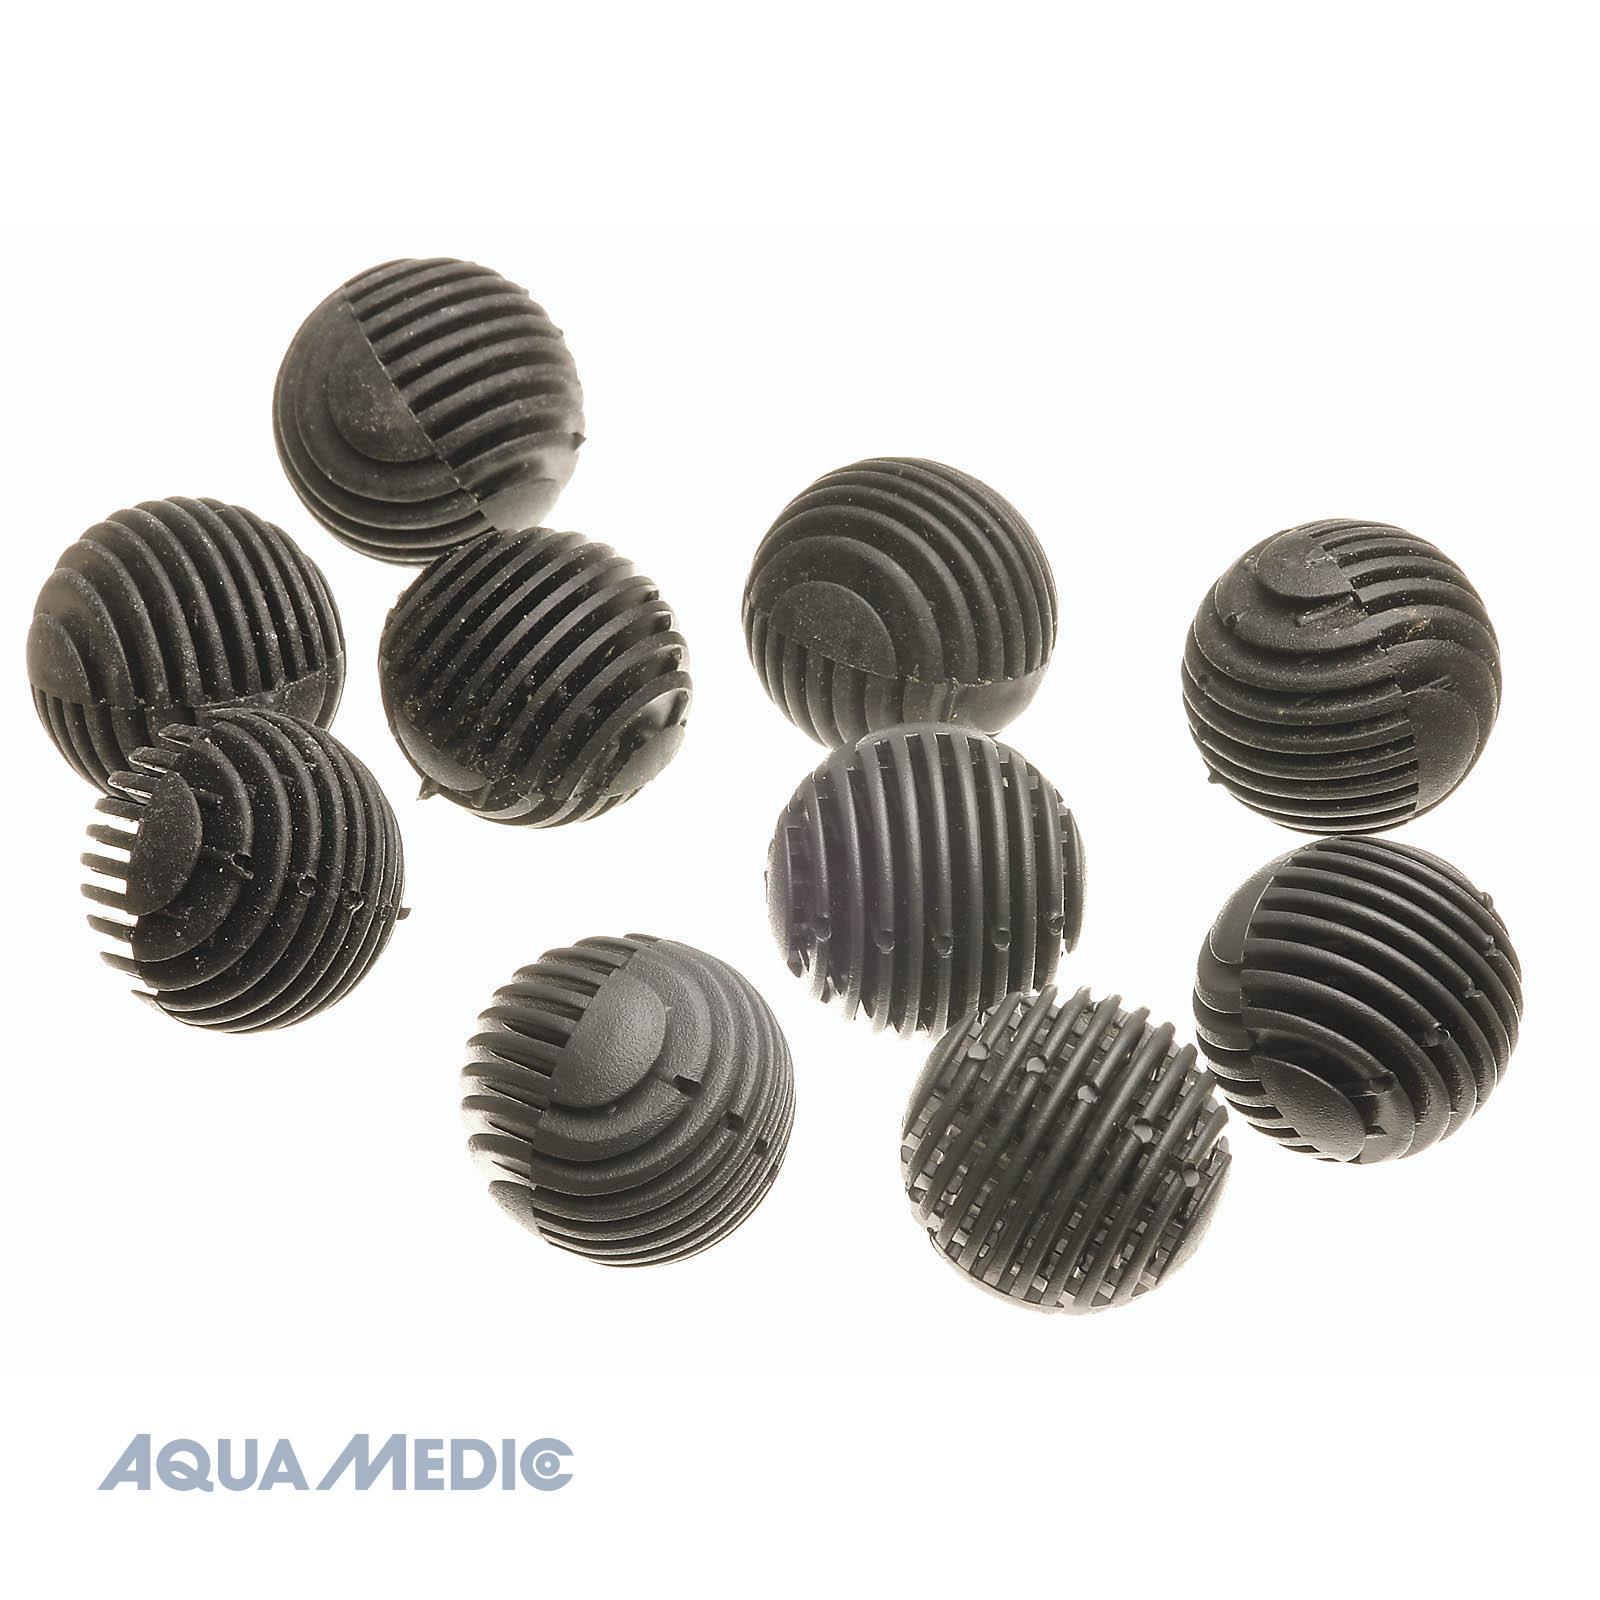 Aqua MEDIC bactoballs 15 Litri sec o, füllkörper per filtri biologici, biobälle